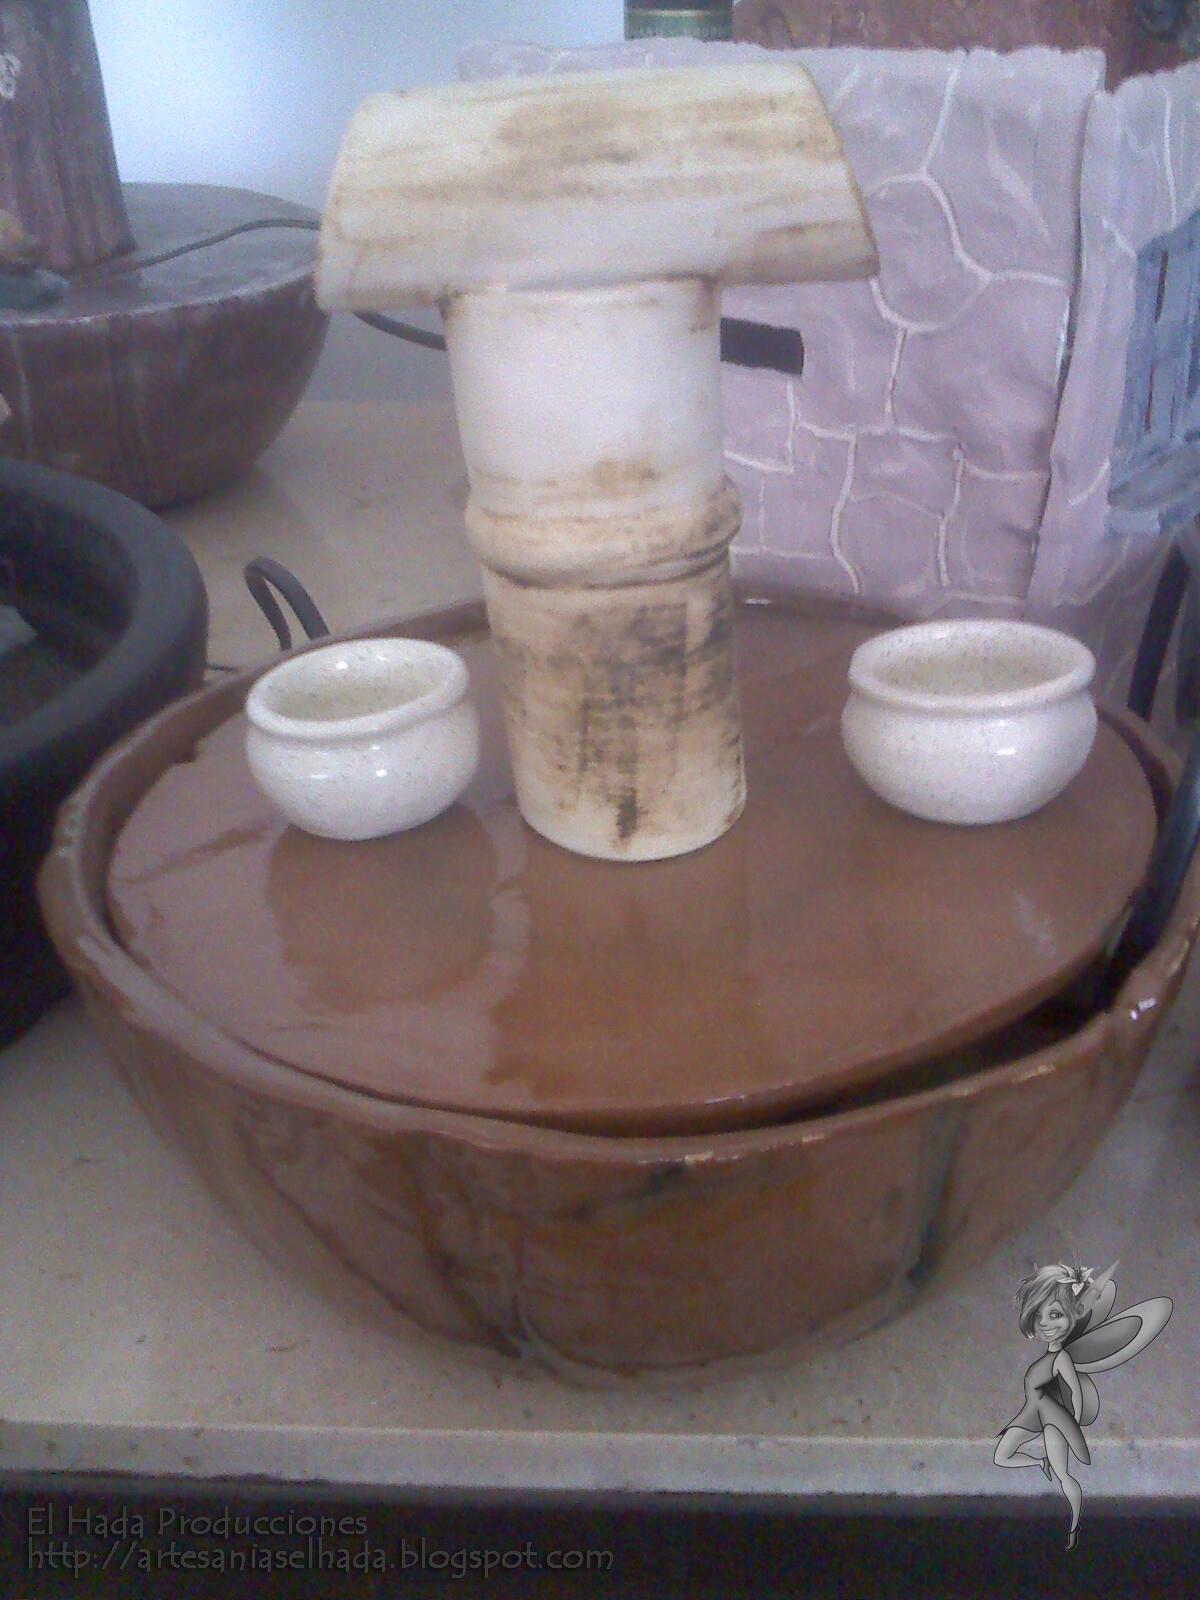 artesan as el hada nuevos dise os en fuentes de agua On diseno de fuentes de agua